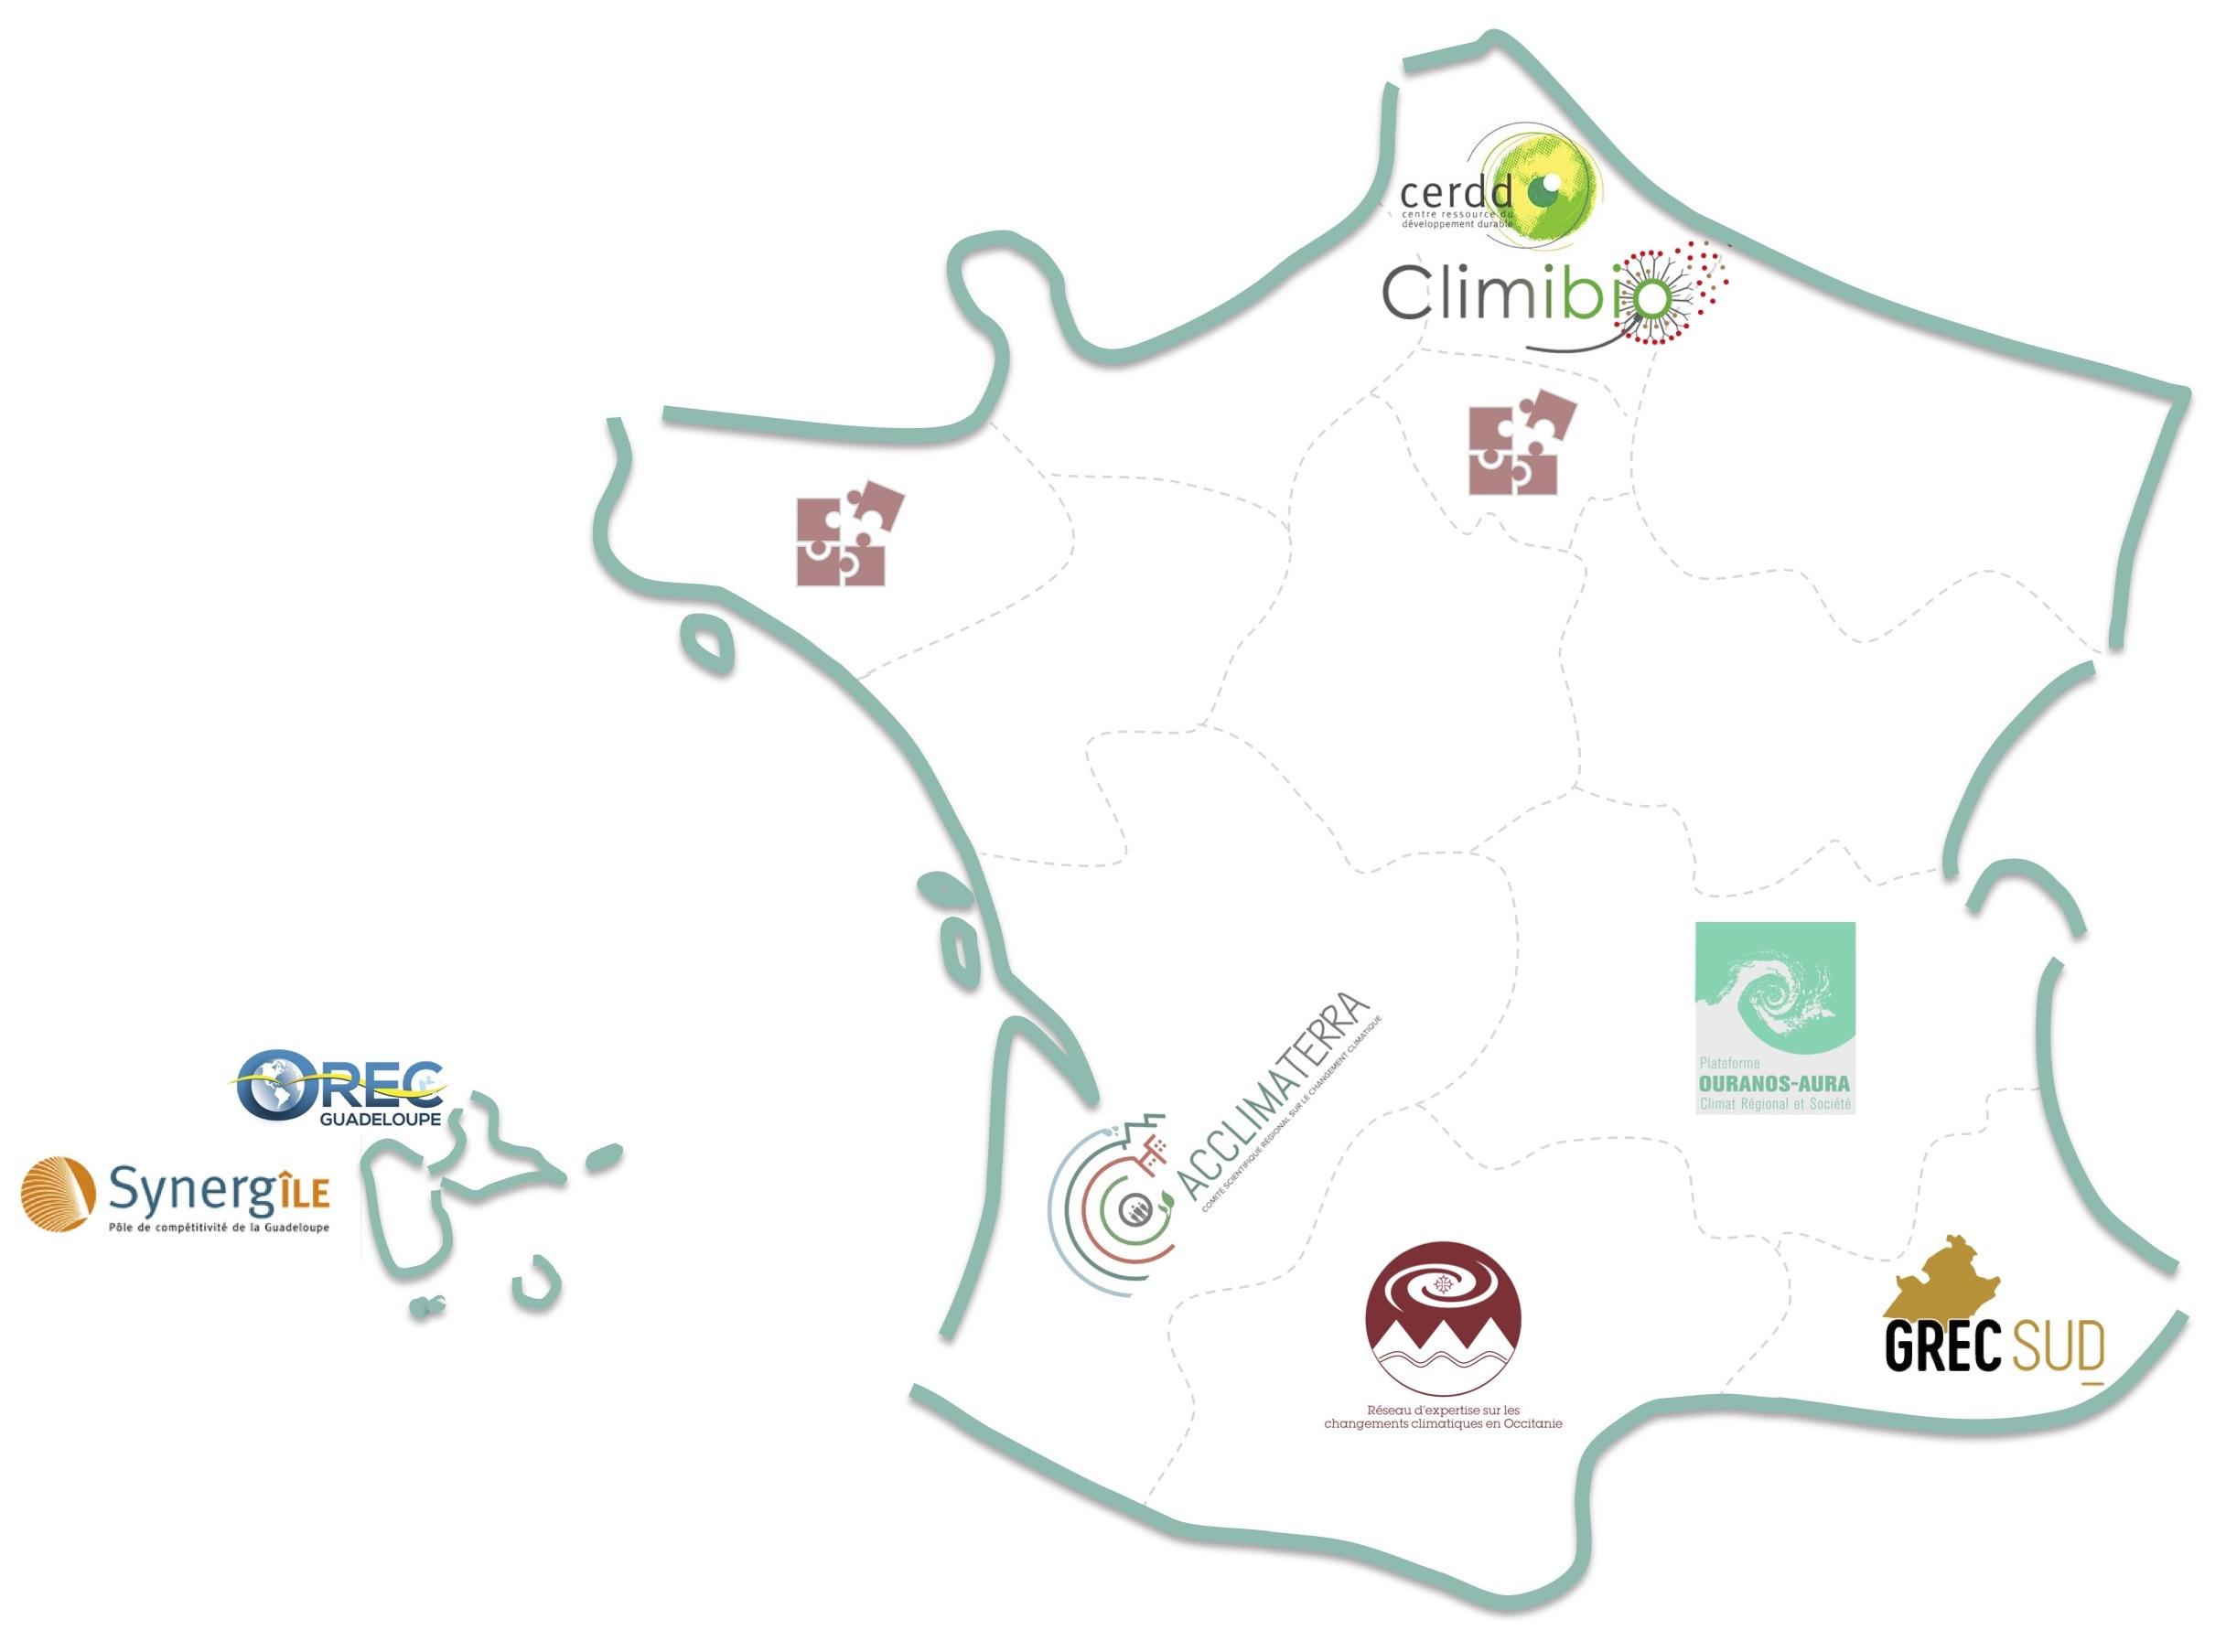 Le GREC-SUD n'est pas seul : des initiatives similaires se développent dans les régions !